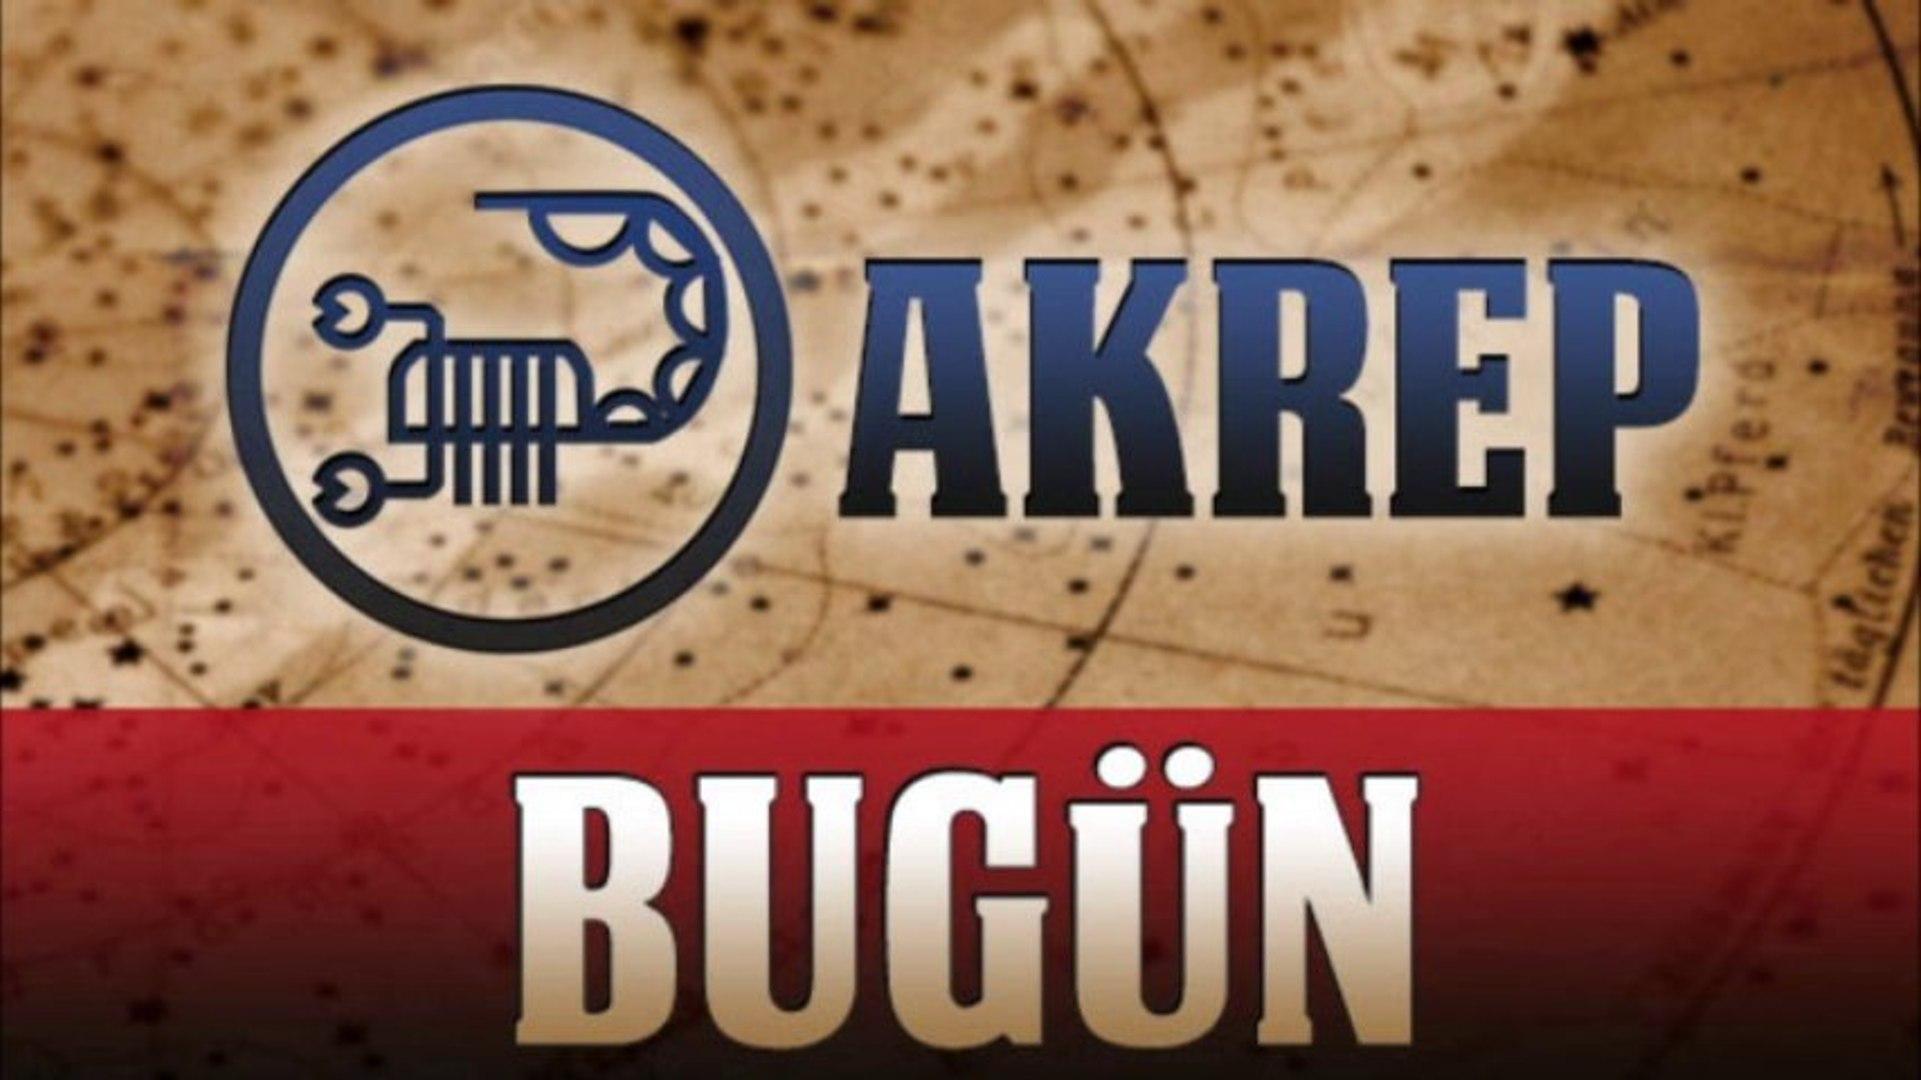 AKREP Burç Yorumu -03 Agustos - Astrolog DEMET BALTACI - Bilinç Okulu  ( Astroloji, burcu, astrolgy,